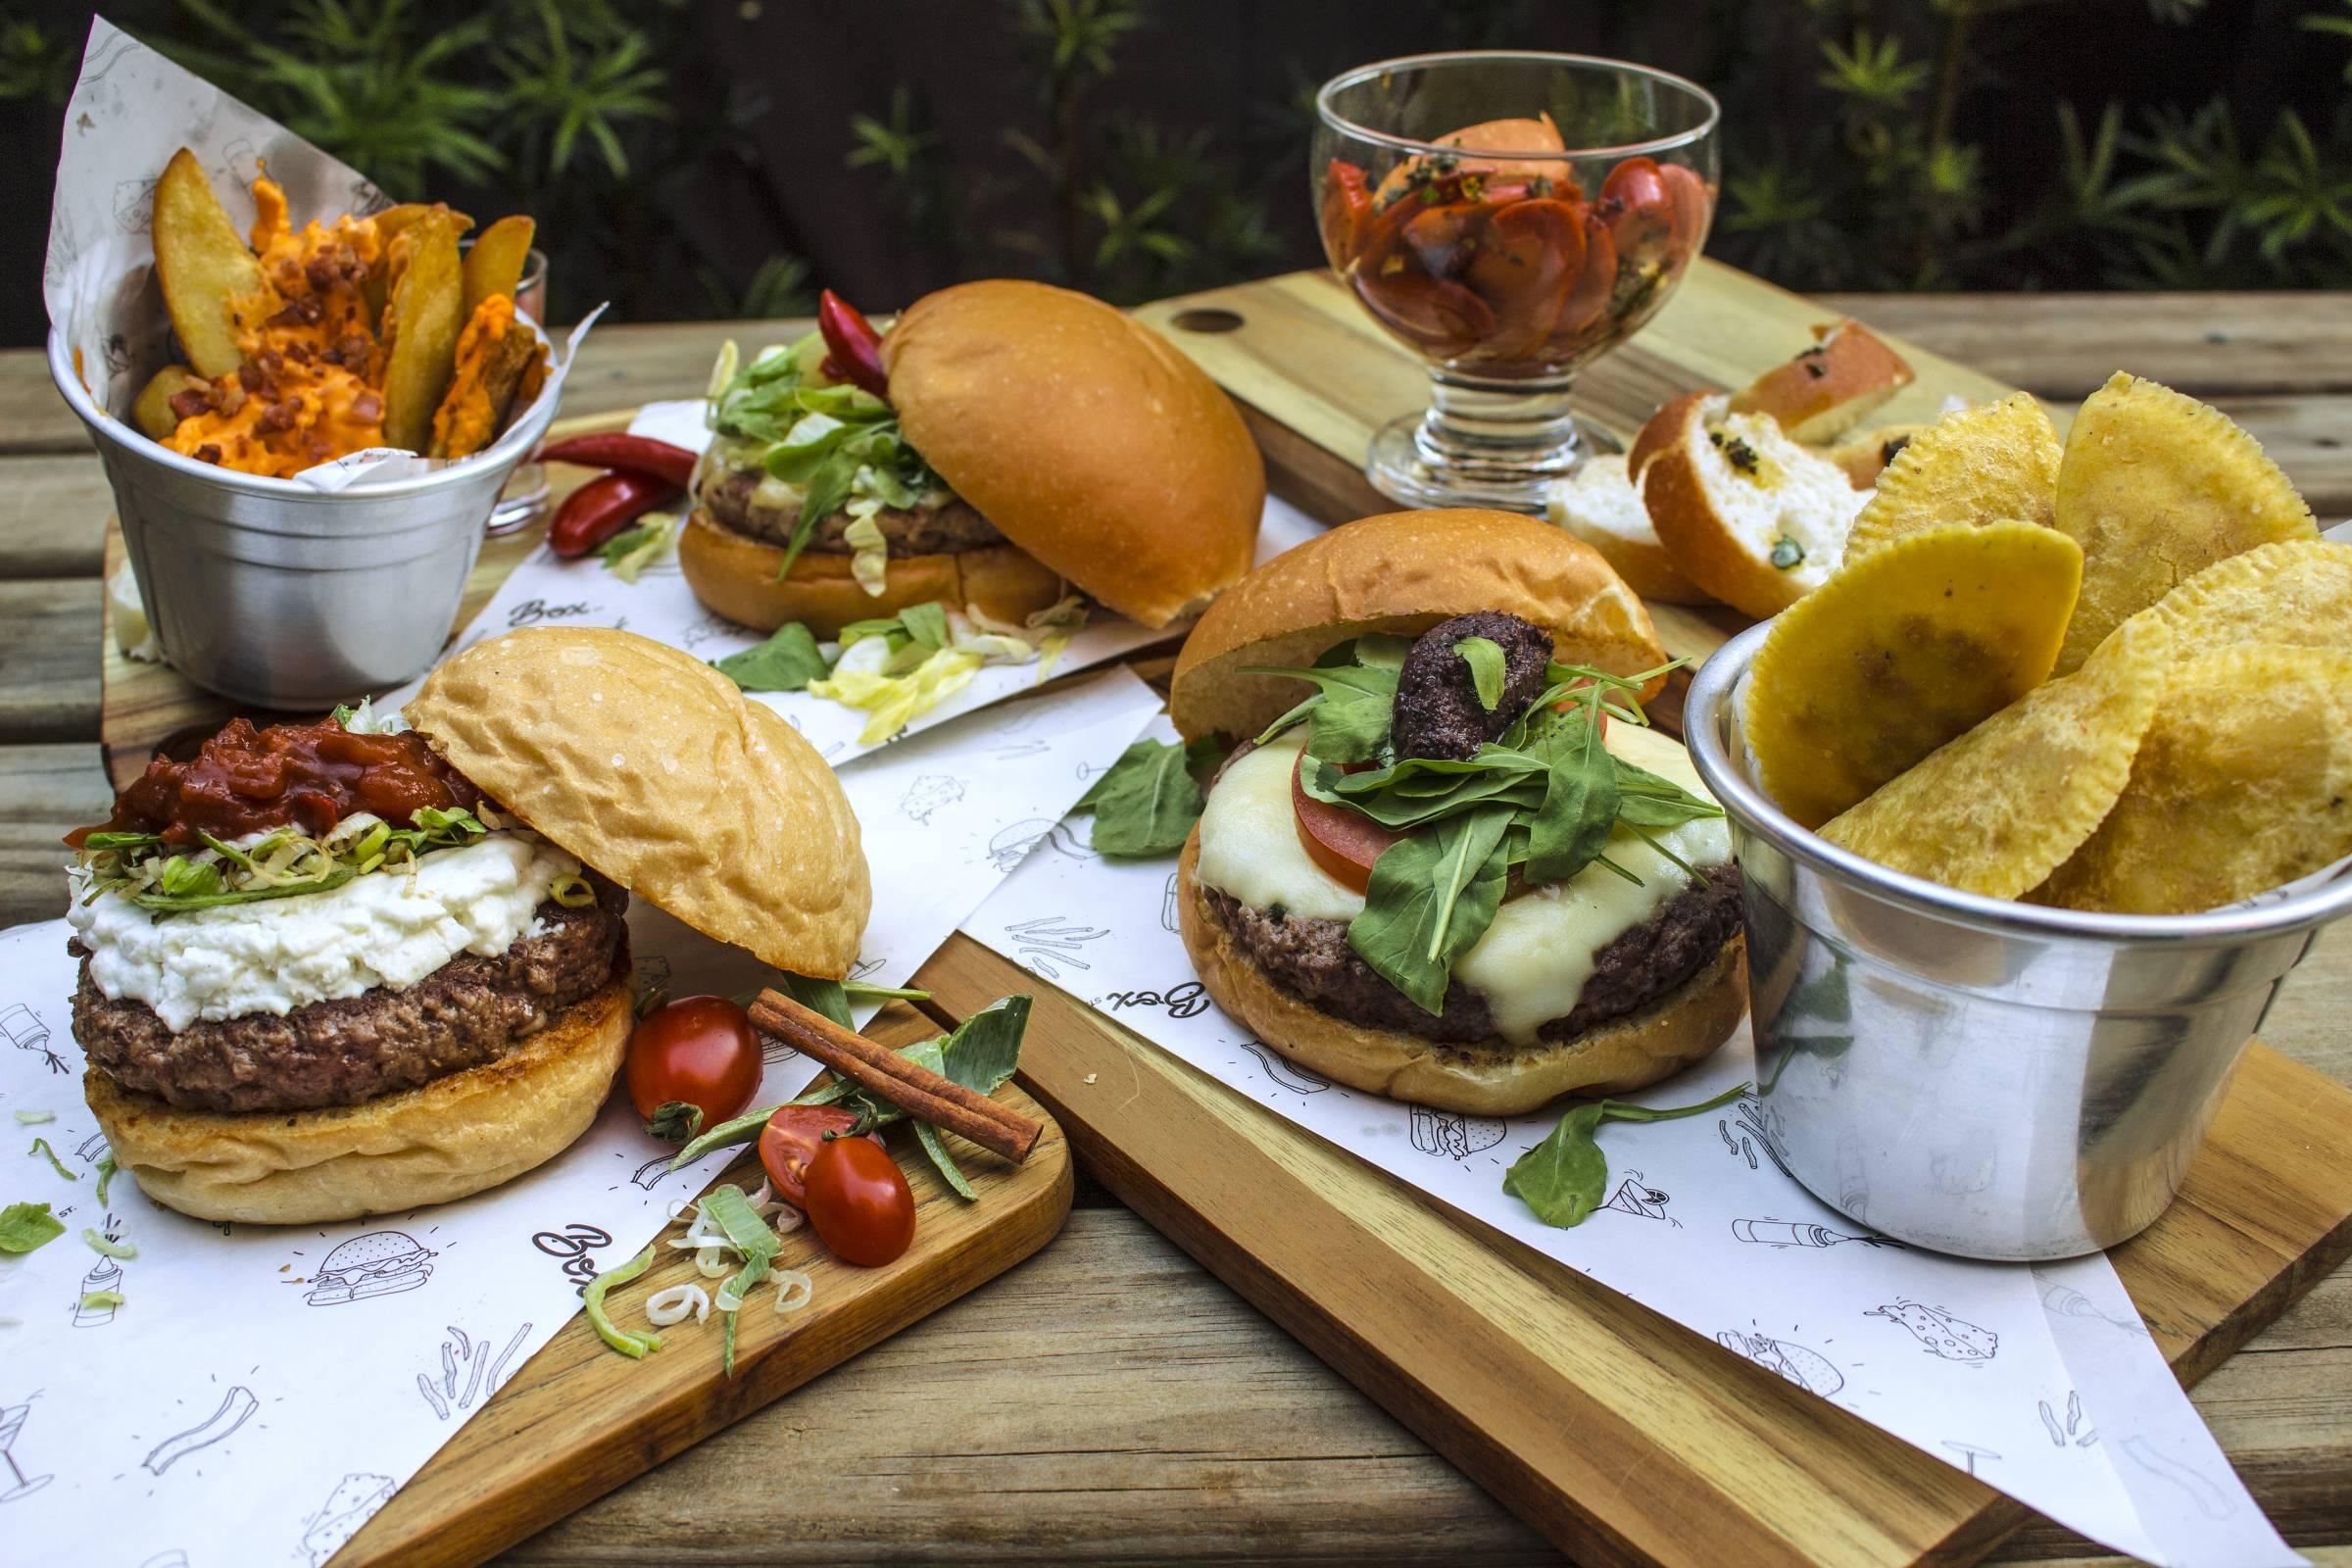 Rua Joaquim Távora reúne bares e restaurantes na Vila Mariana  veja onde  beber e comer - 22 12 2017 - Restaurantes - Guia Folha e2c13ec698cbe